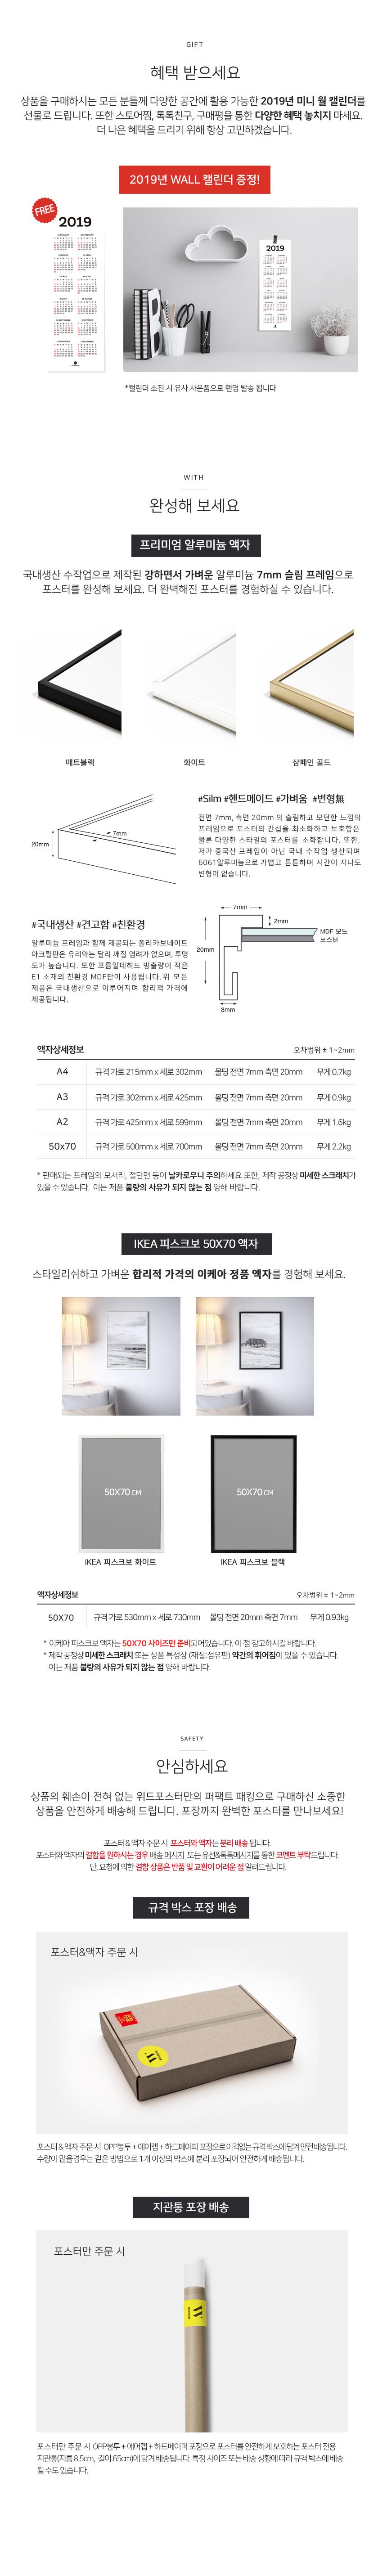 화이트 모란 꽃 그림 인테리어 액자 50x70(500x700mm) 포스터 + 알루미늄액자 - 위드포스터, 57,900원, 홈갤러리, 보테니컬아트